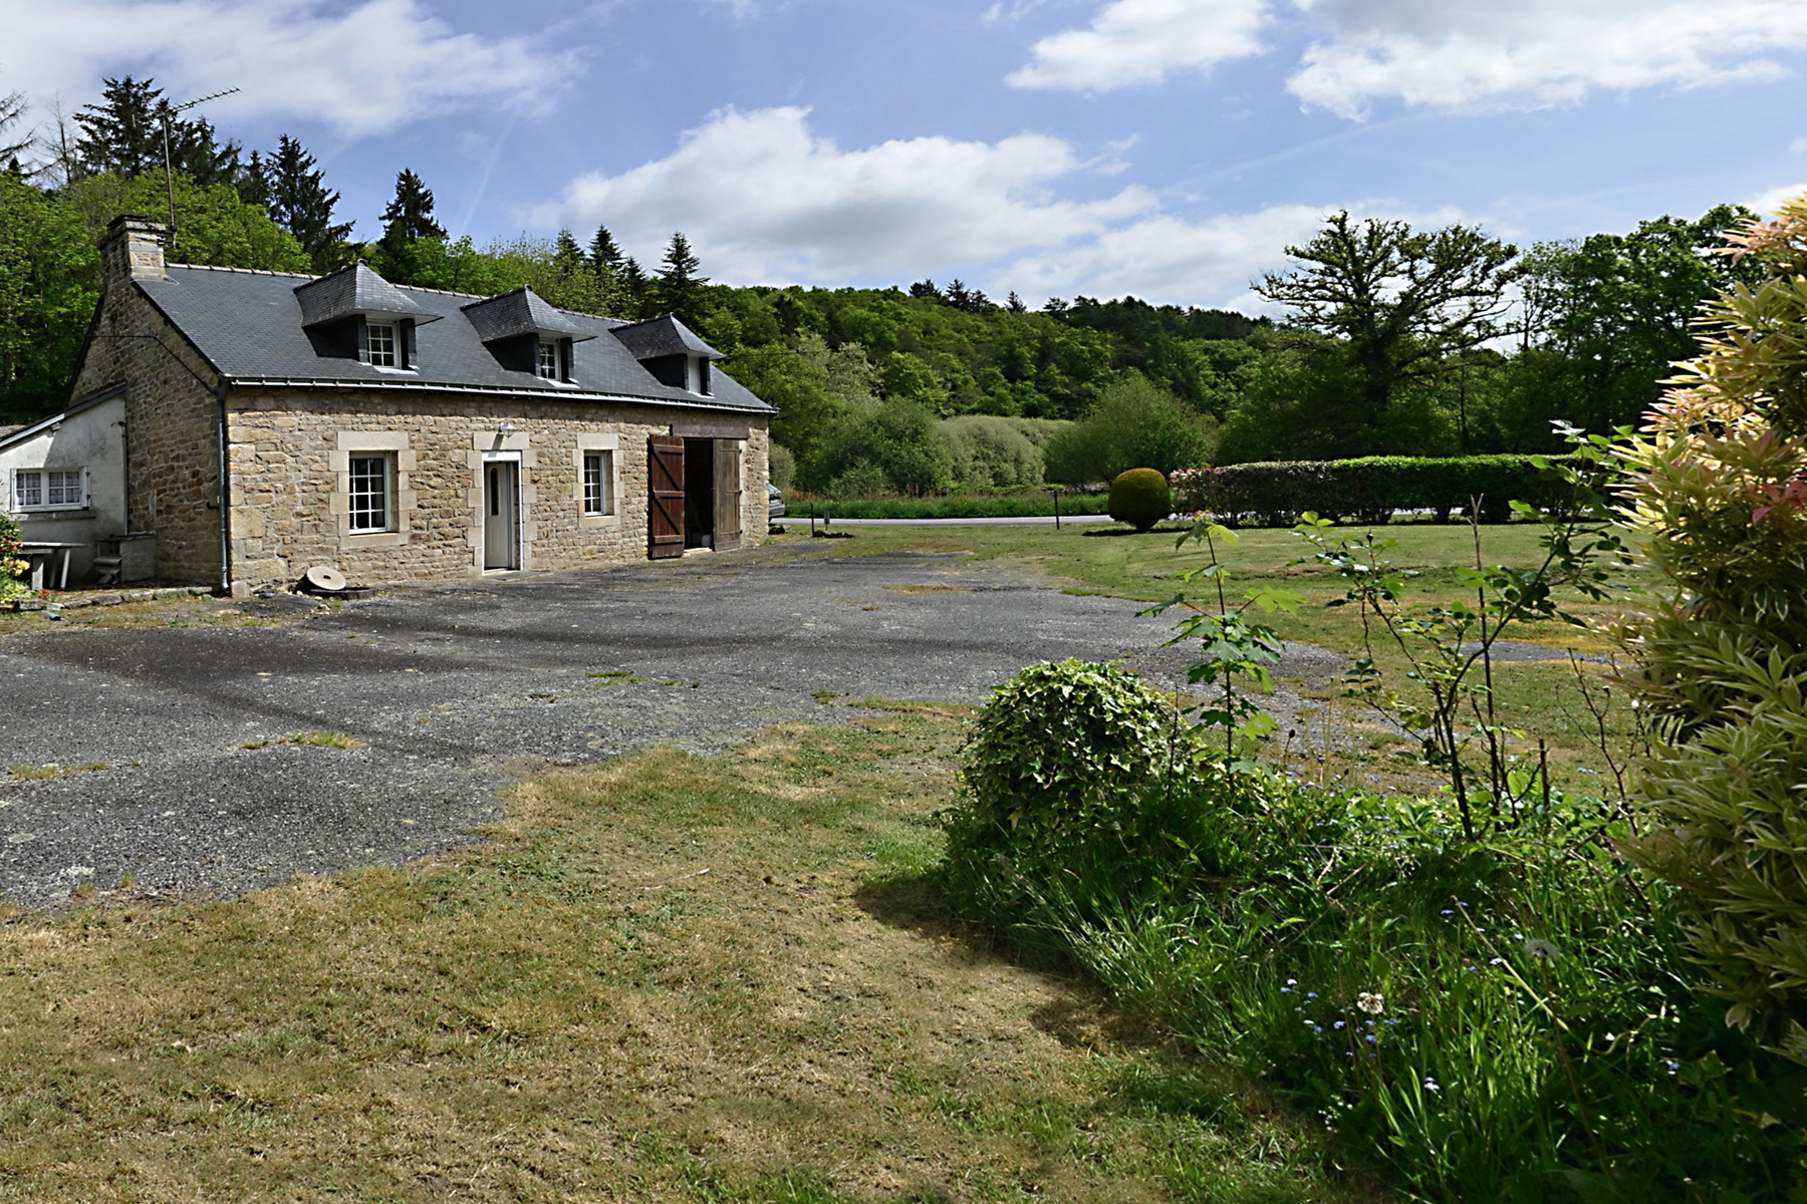 A vendre moulin et sa maison campagne morbihannaise moulin for Acheter une maison en campagne